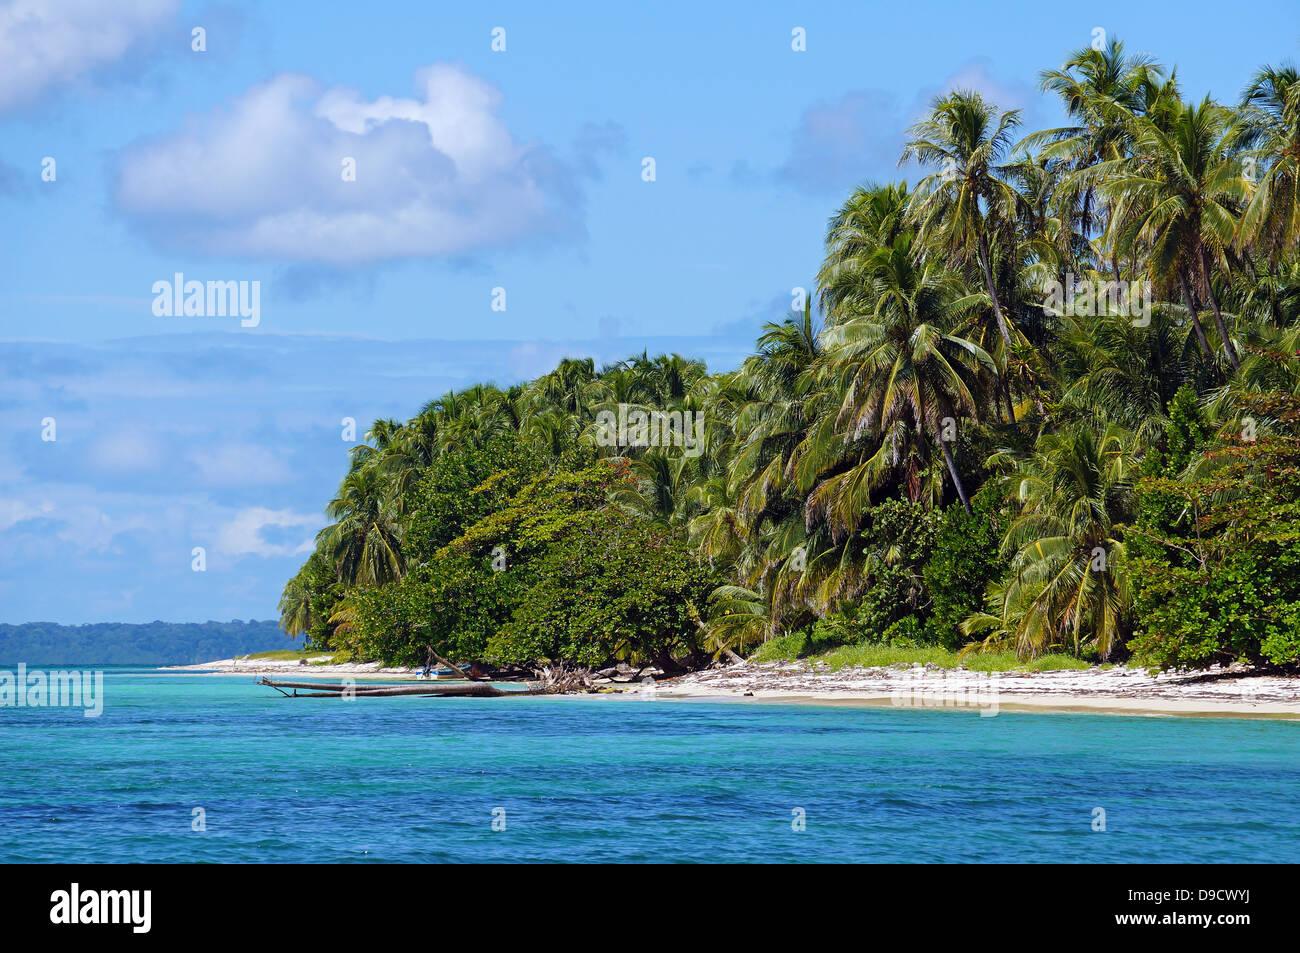 Spiaggia esotica con fitta vegetazione sulle isole Zapatillas , Bocas del Toro, Mar dei Caraibi, Panama Immagini Stock